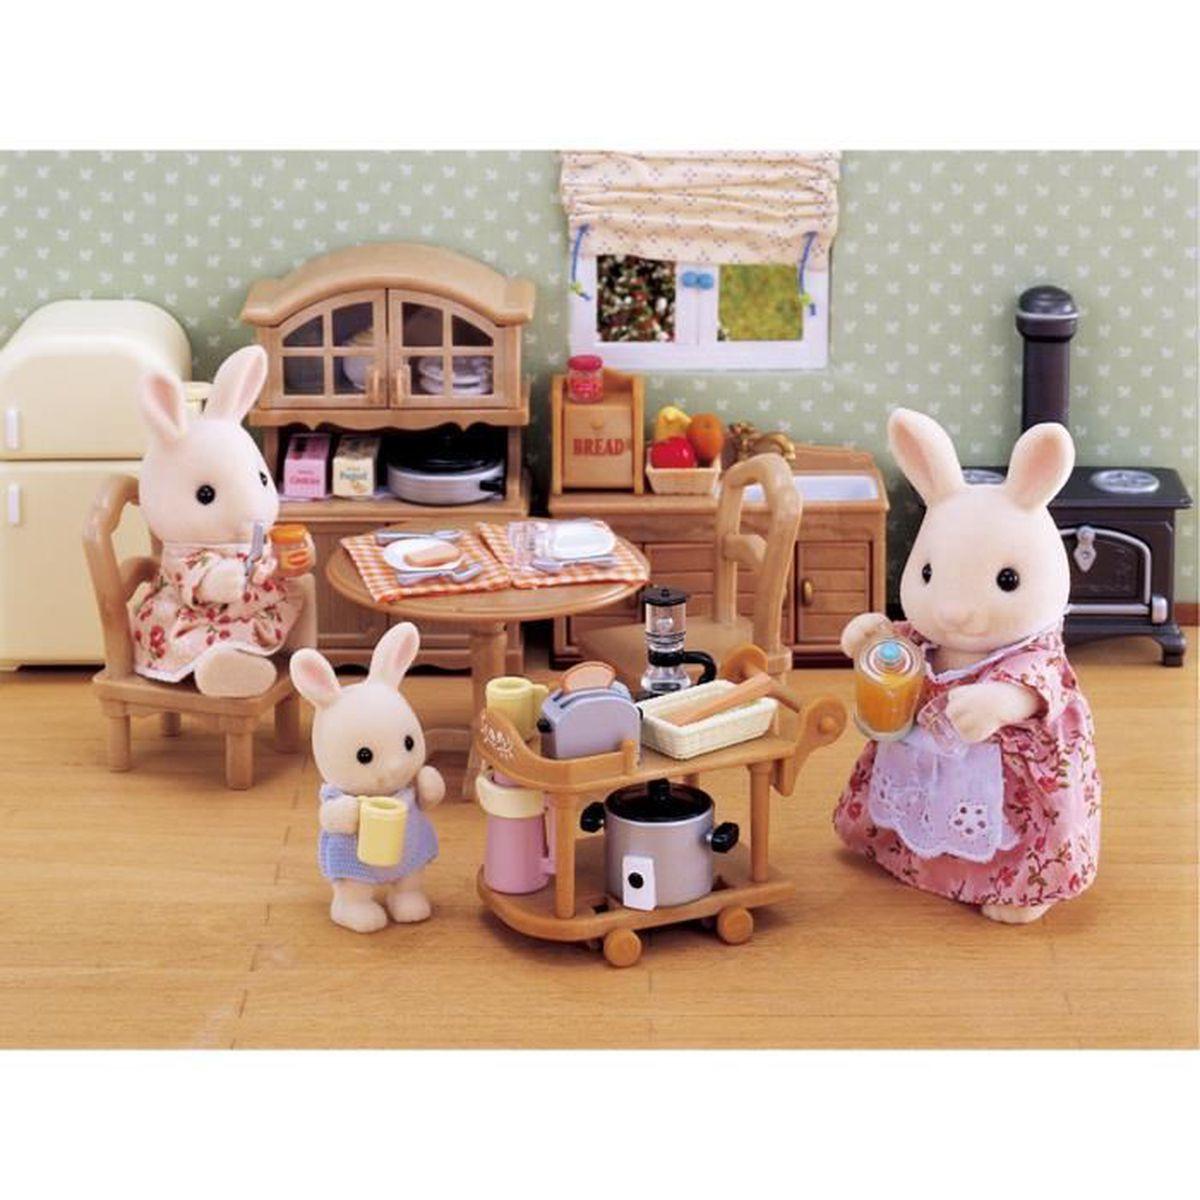 sylvanian families 2819 batterie de cuisine achat vente figurine personnage cdiscount. Black Bedroom Furniture Sets. Home Design Ideas